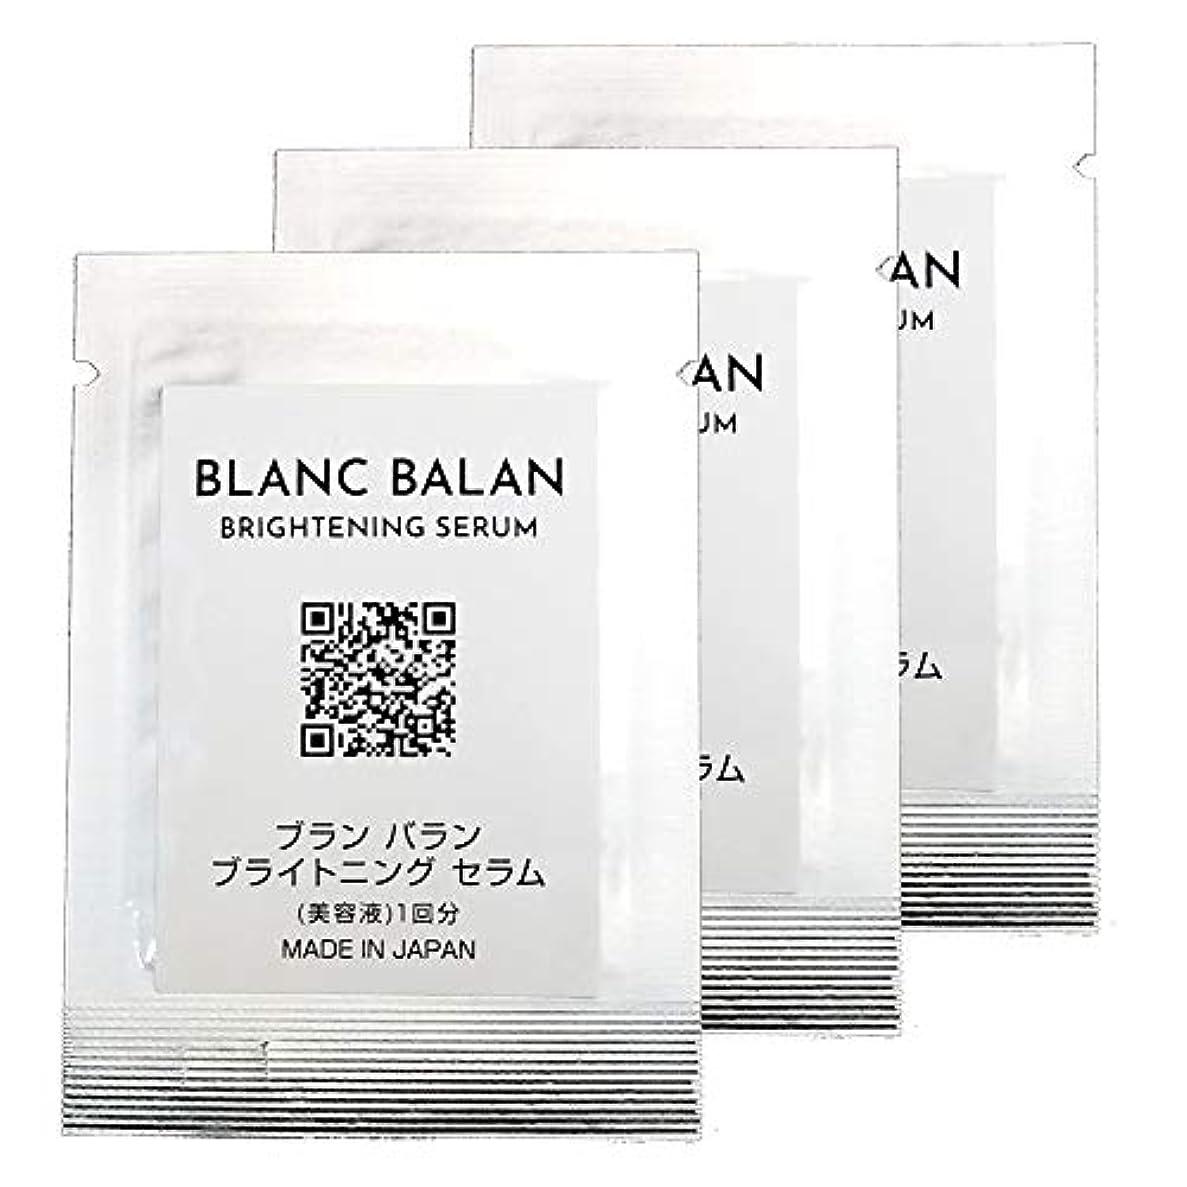 隠された資産電気のイノセンスビューティー BLANC BALAN ブランバラン ブライトニングセラム 美容液 お試しサンプル 3包